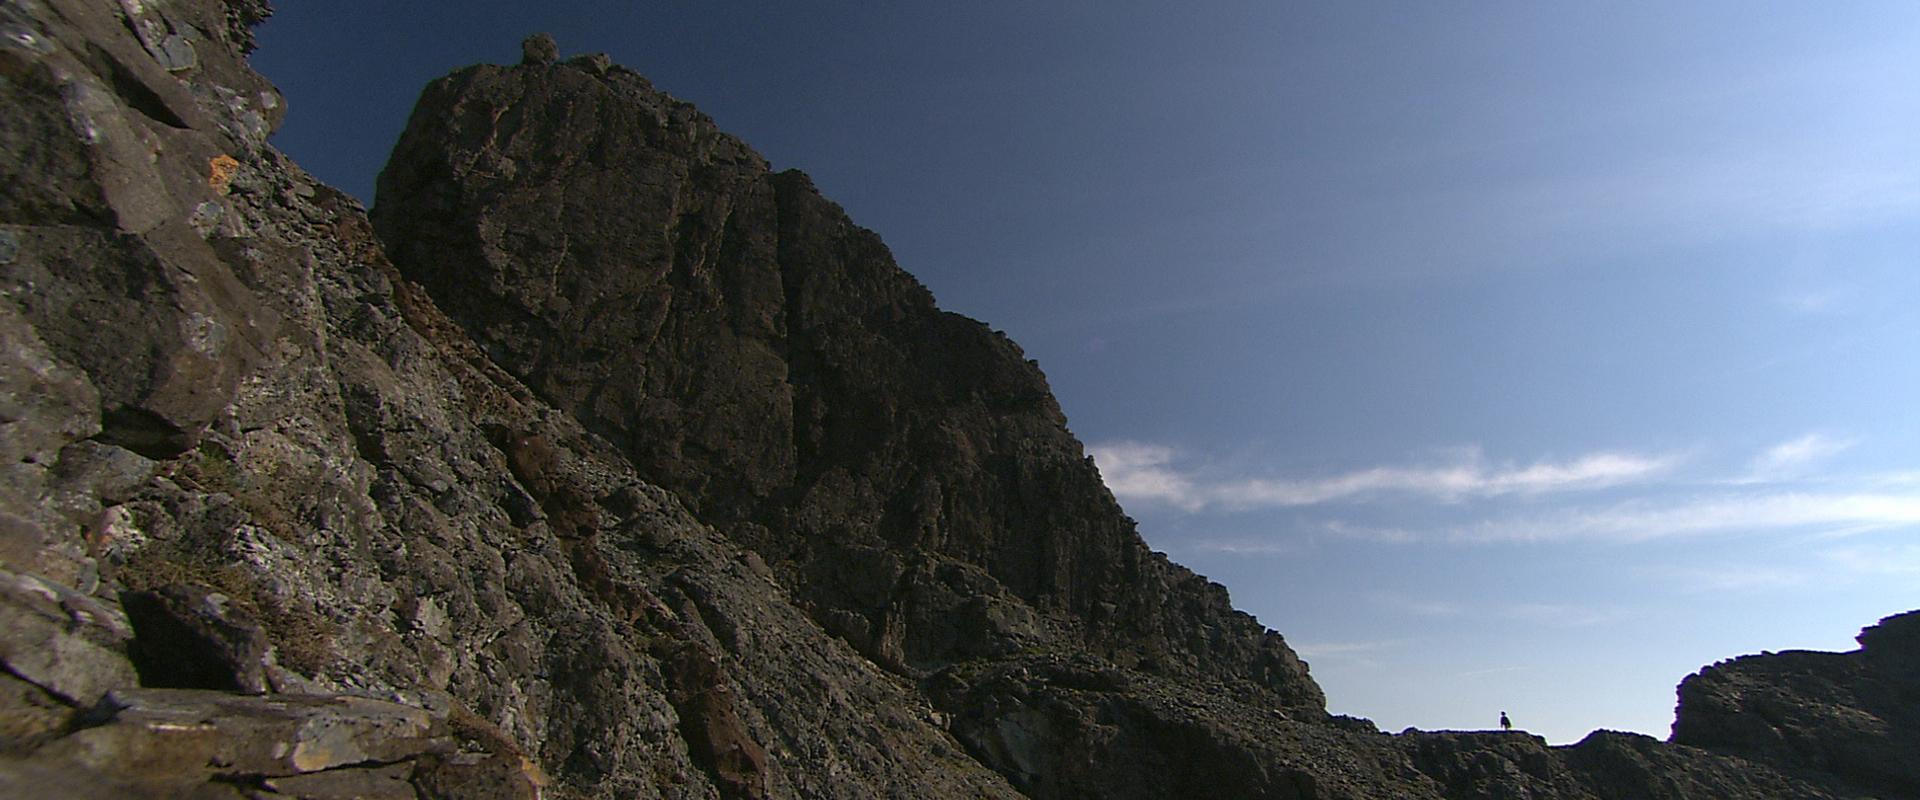 Seachd_Mountain_06_1920x800.jpg